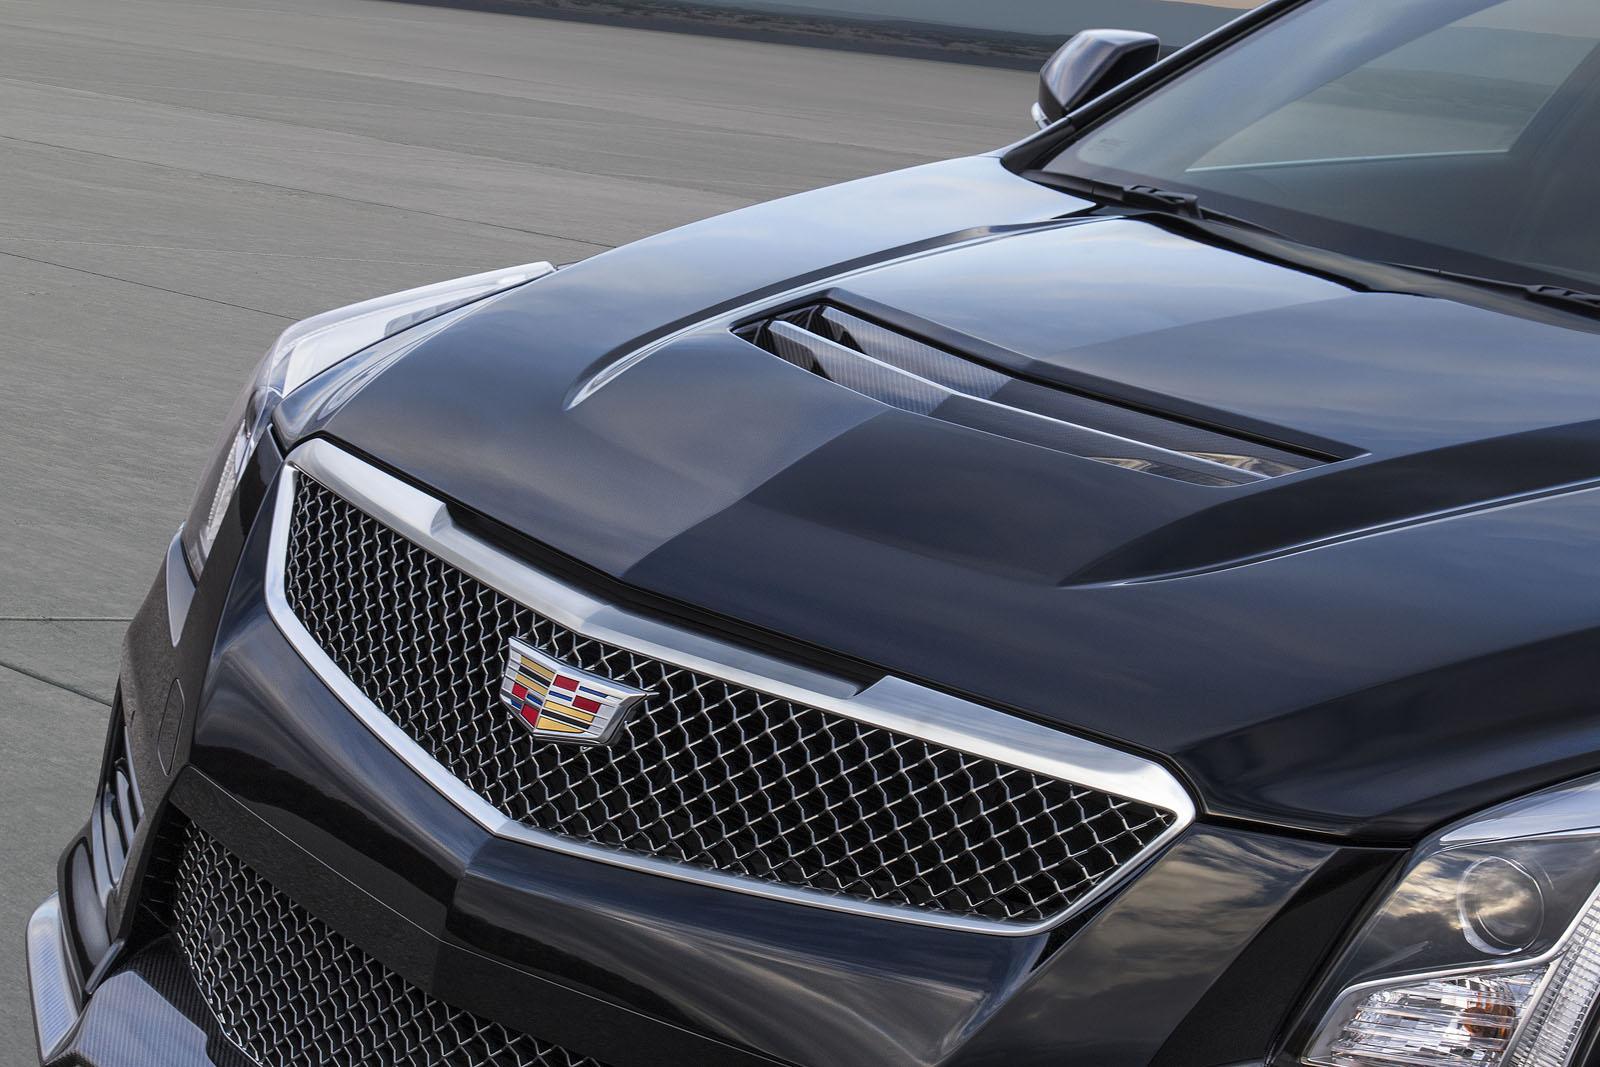 Cadillac Ats V Coupe >> Cadillac ATS-V 2016 (coupe e berlina) - Foto 14 di 19